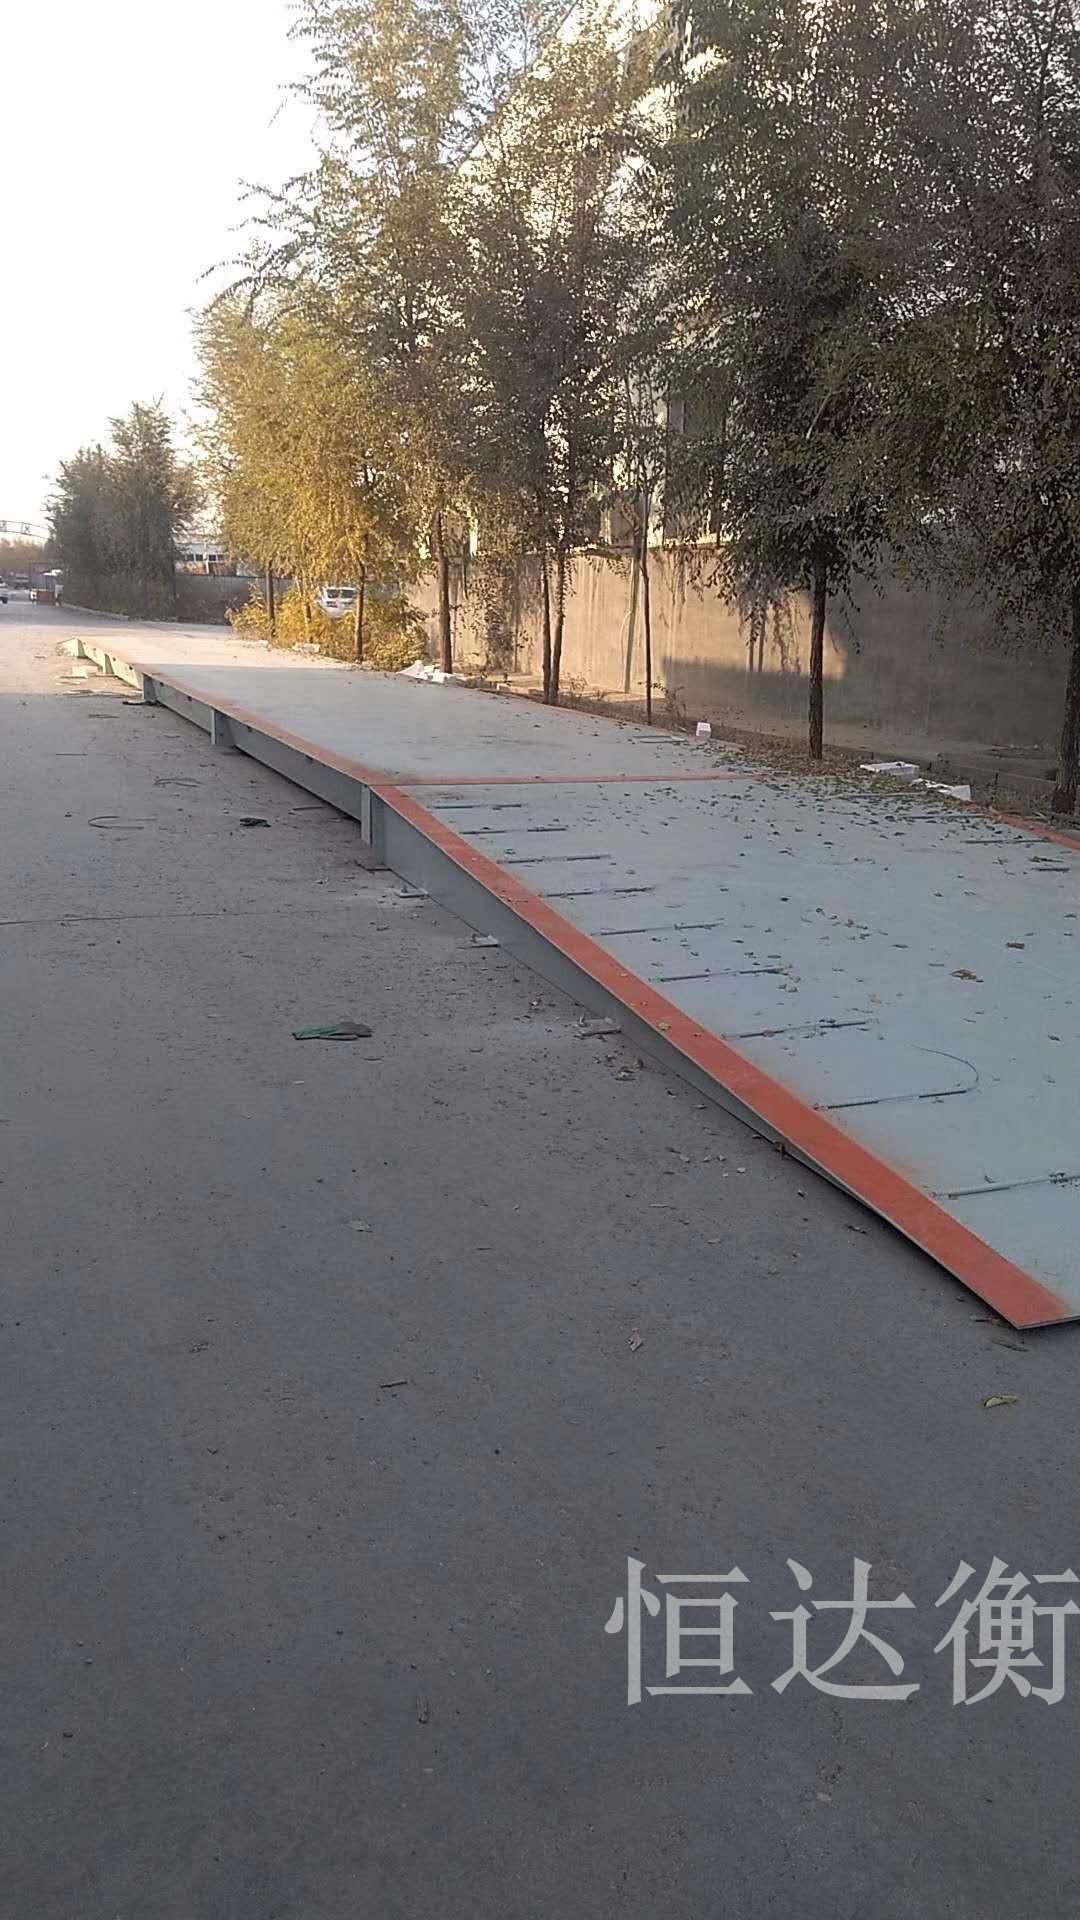 新疆汽车衡